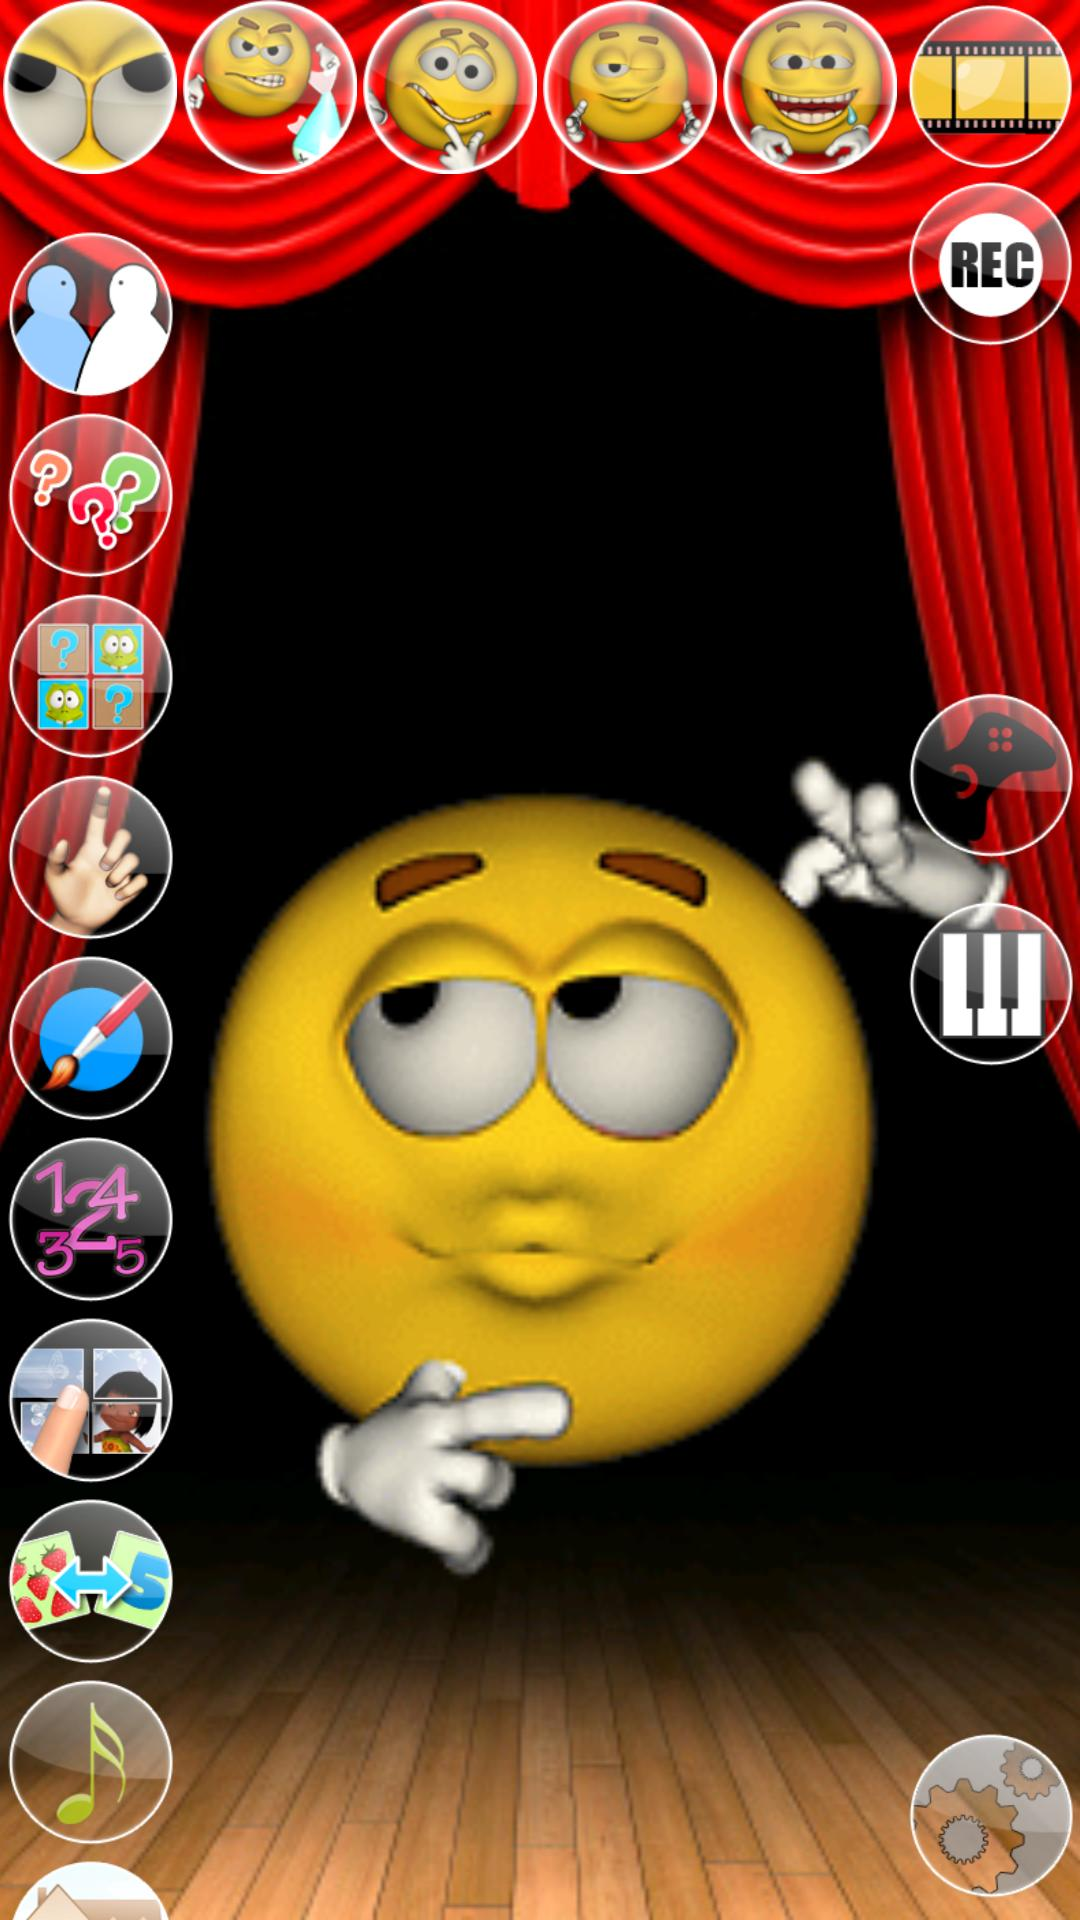 Talking Smiling Simon screenshot 5